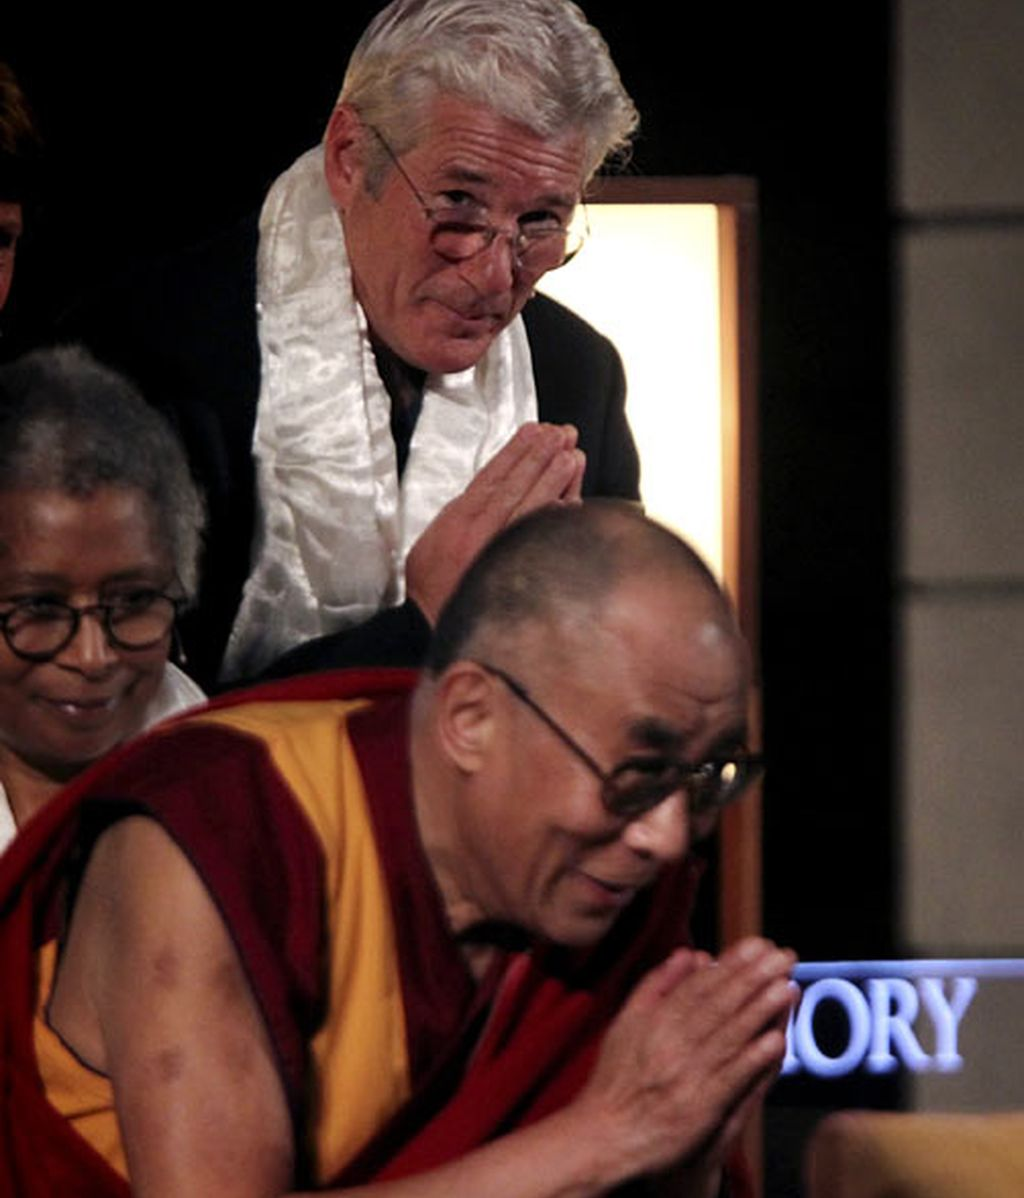 Richard Gere, budista convencido